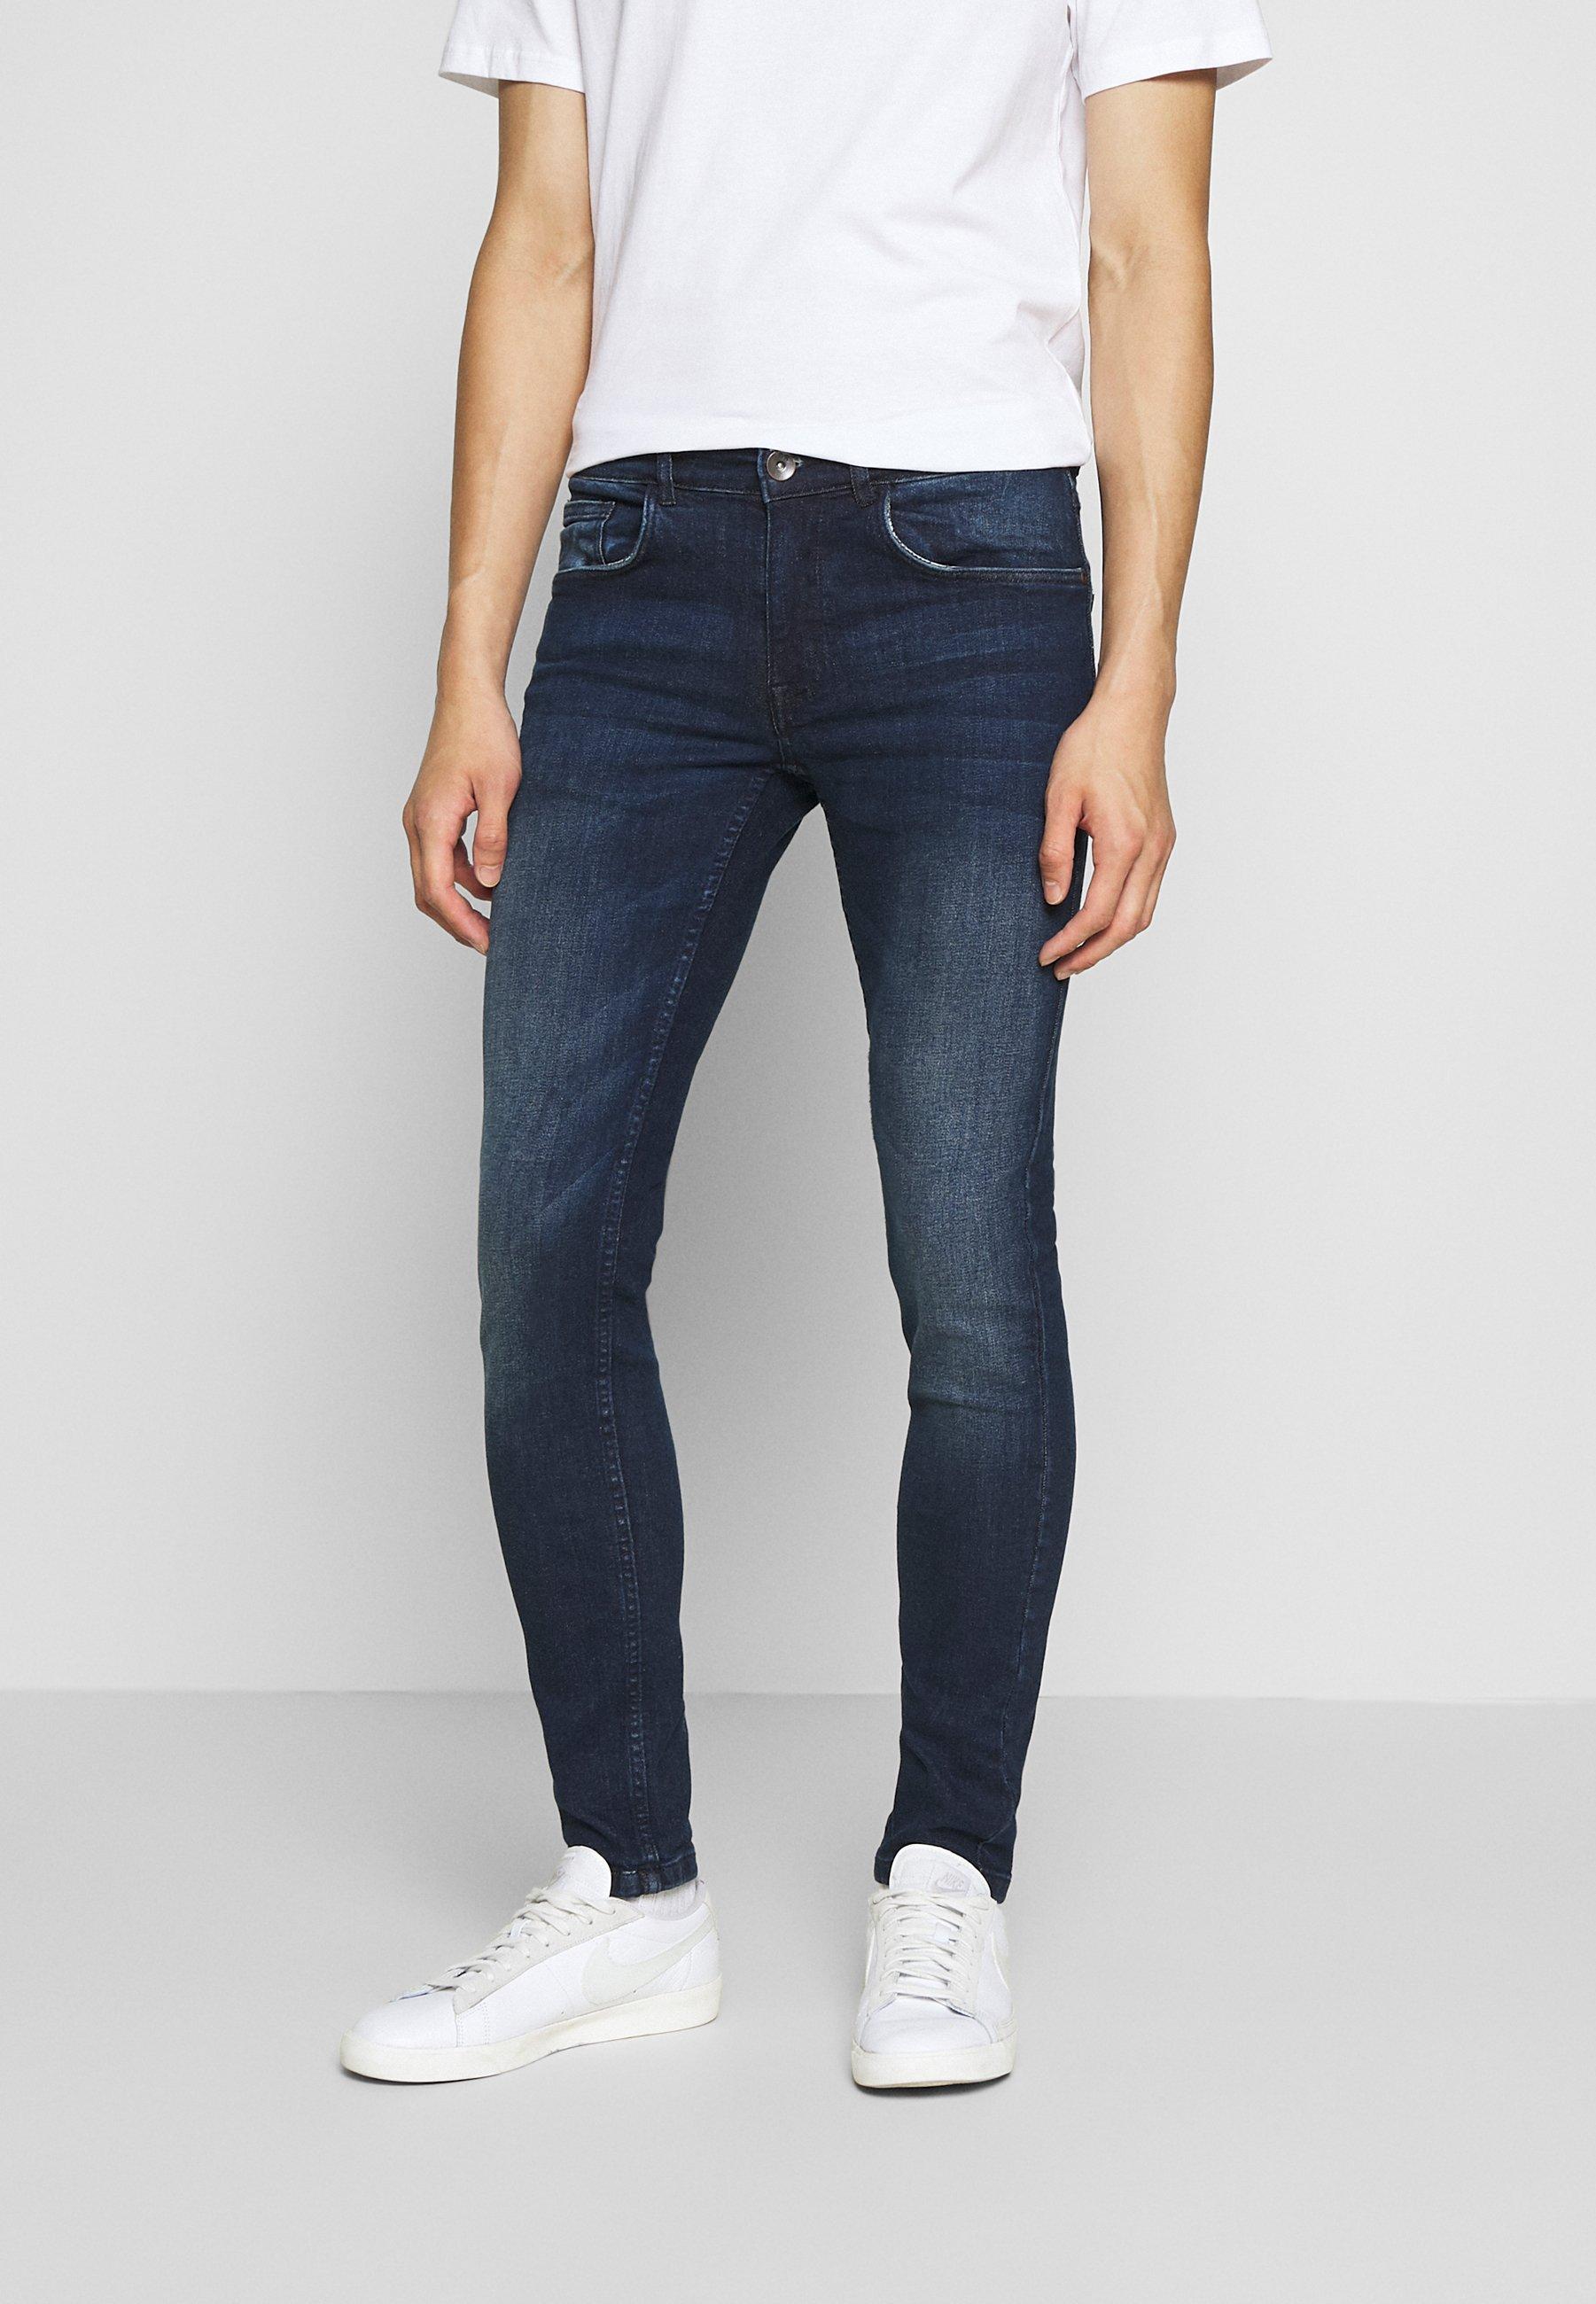 Slim Fit Jeans | Herre | Nye kolleksjoner online på Zalando